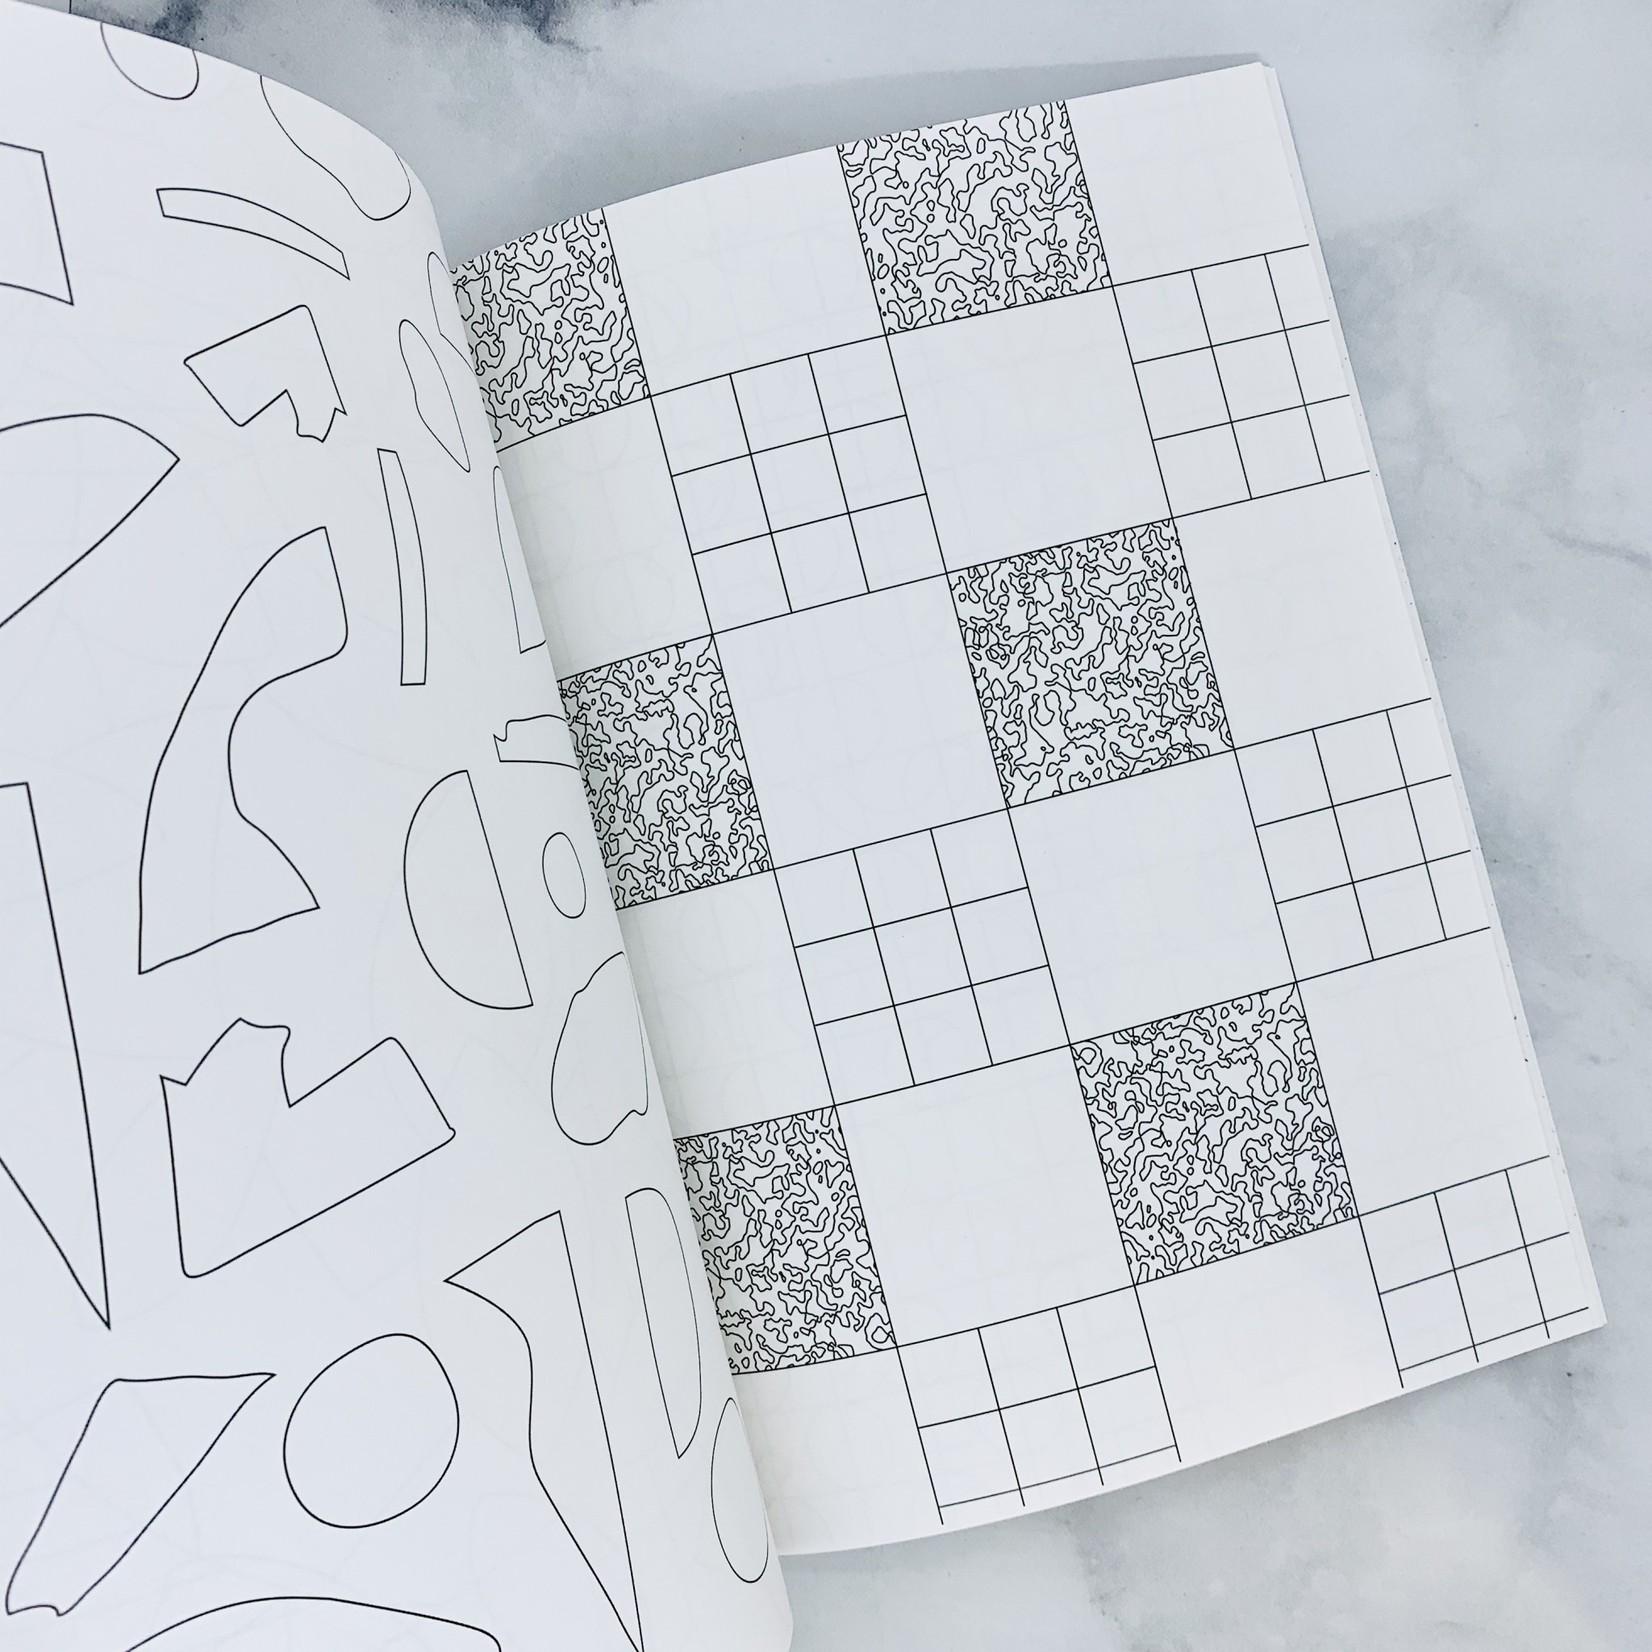 Poketo Modernist Coloring Book